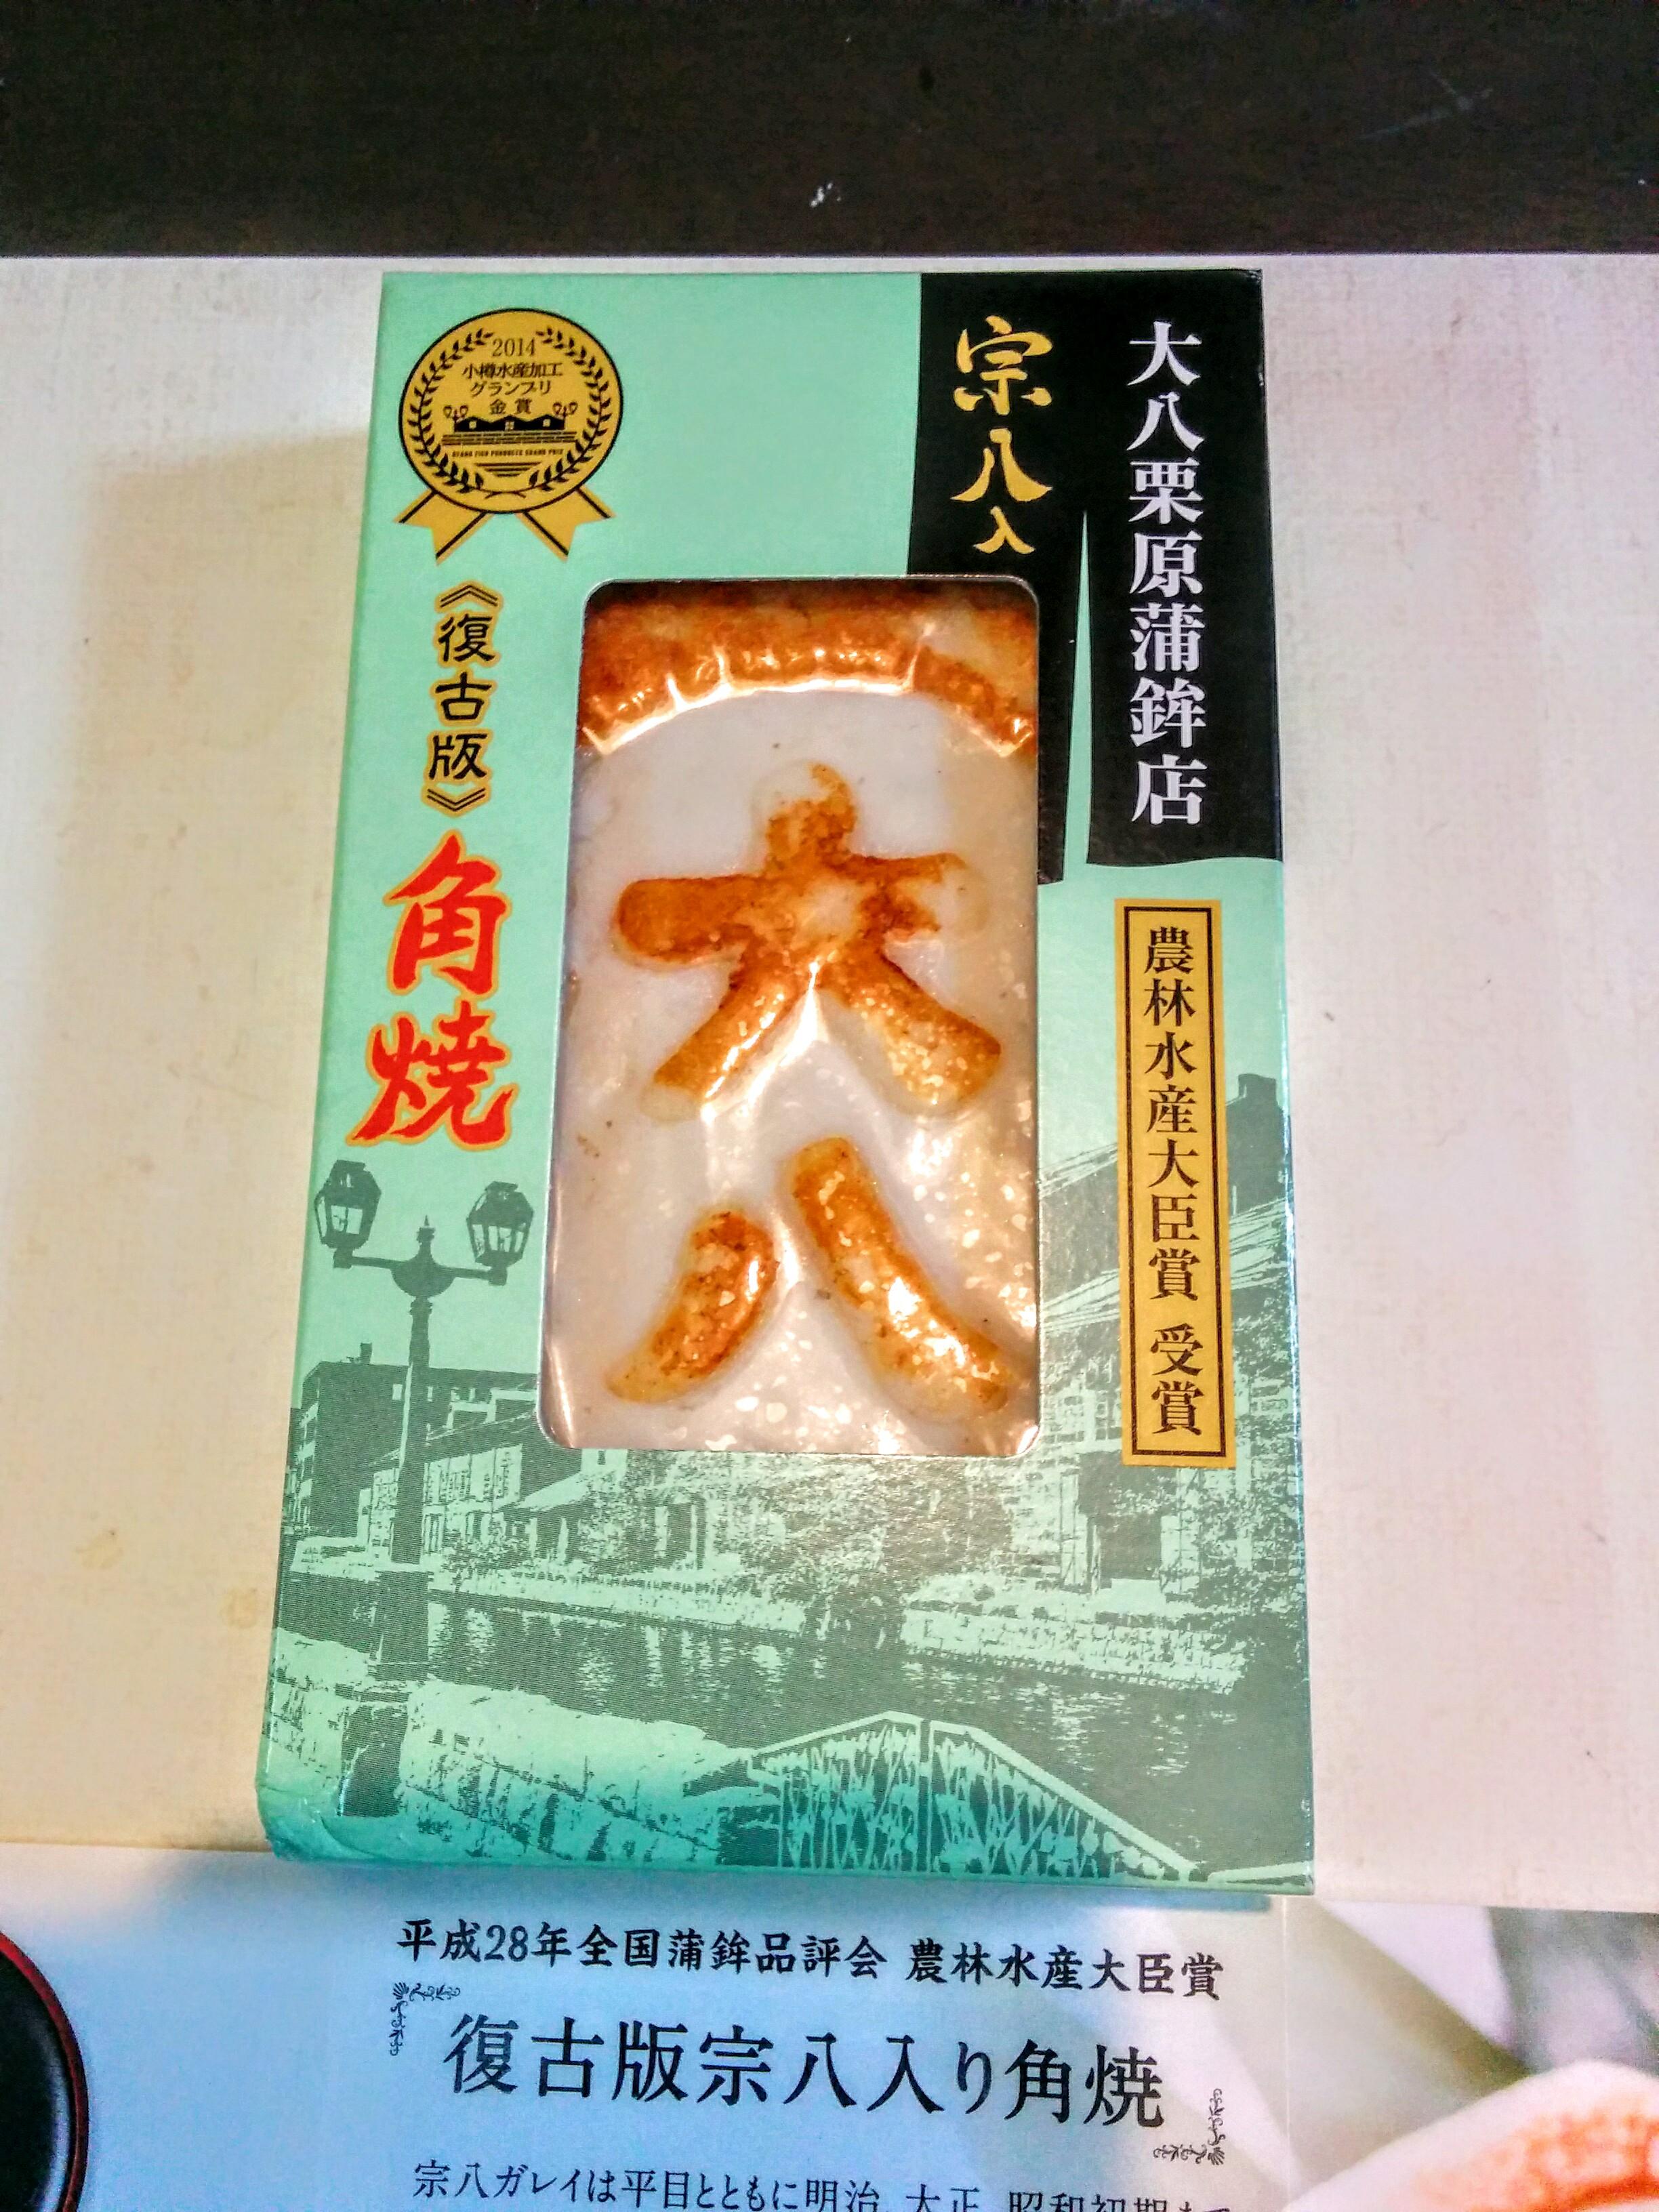 【小樽】(株)大八栗原蒲鉾店「復刻版宗八入り角焼」グルメ案内です。